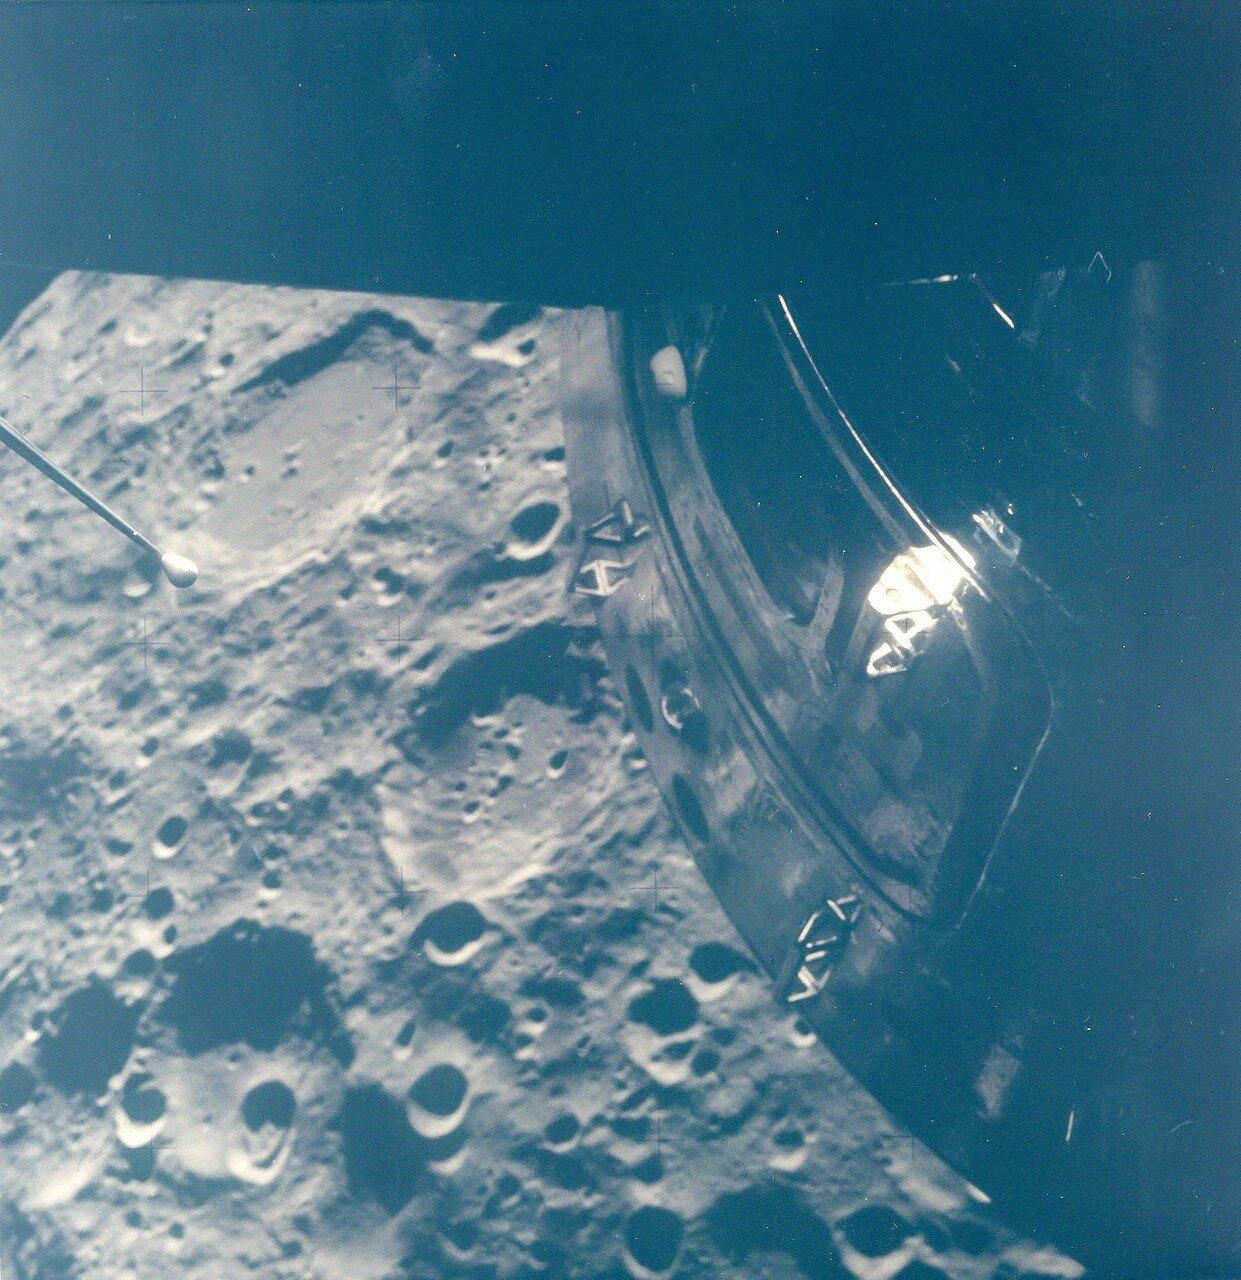 Во вторник, 14 апреля, 76:42:07 полётного времени корабль вошёл в лунную тень. «Ложные звезды» потускнели настолько, что астронавты увидели знакомые созвездия. На снимке: Космический корабль над Луной